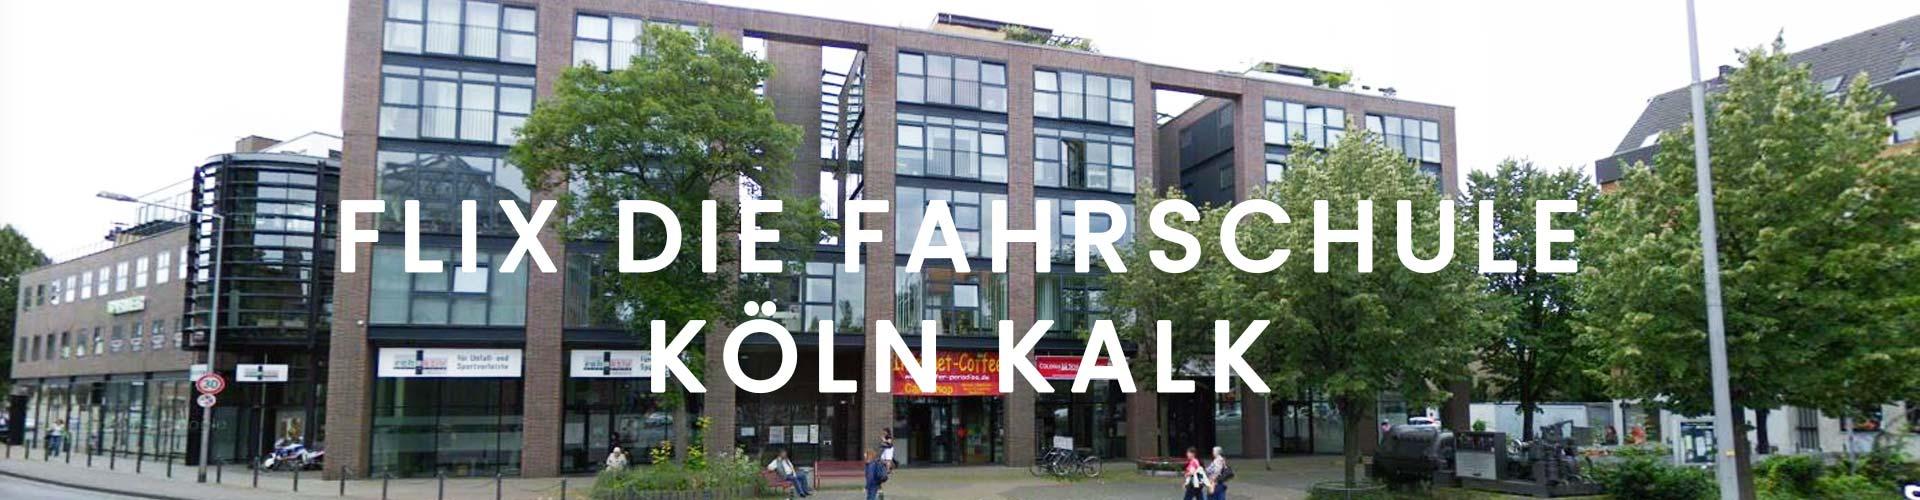 FLIX die Fahrschule in Köln Kalk